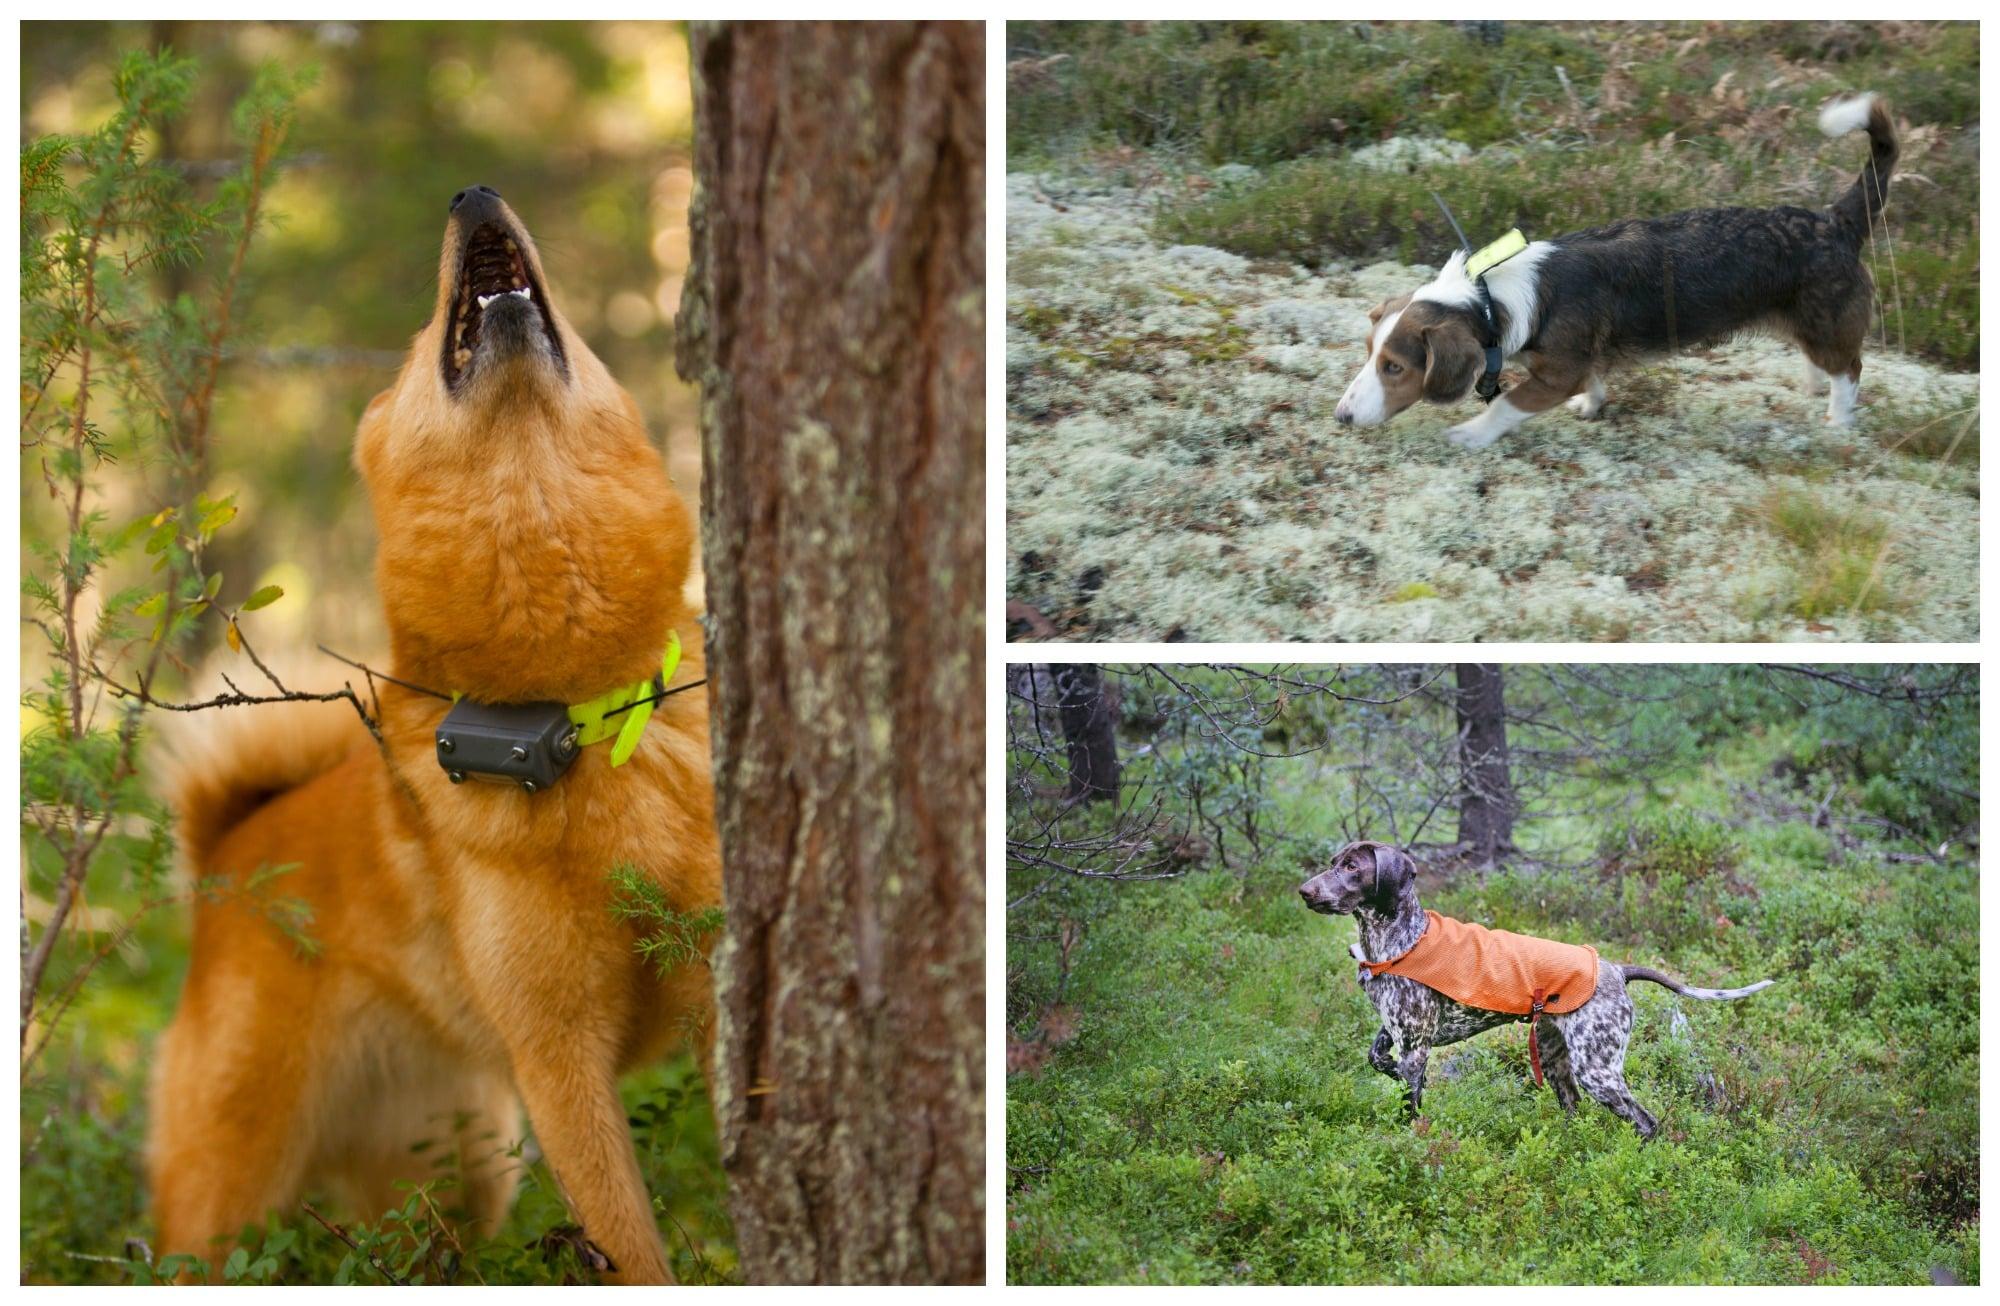 Finsk spets, drever och korthårig vorsteh. Foto: Kjell-Erik Moseid, Jan Henricson, Lars-Henrik Andersson